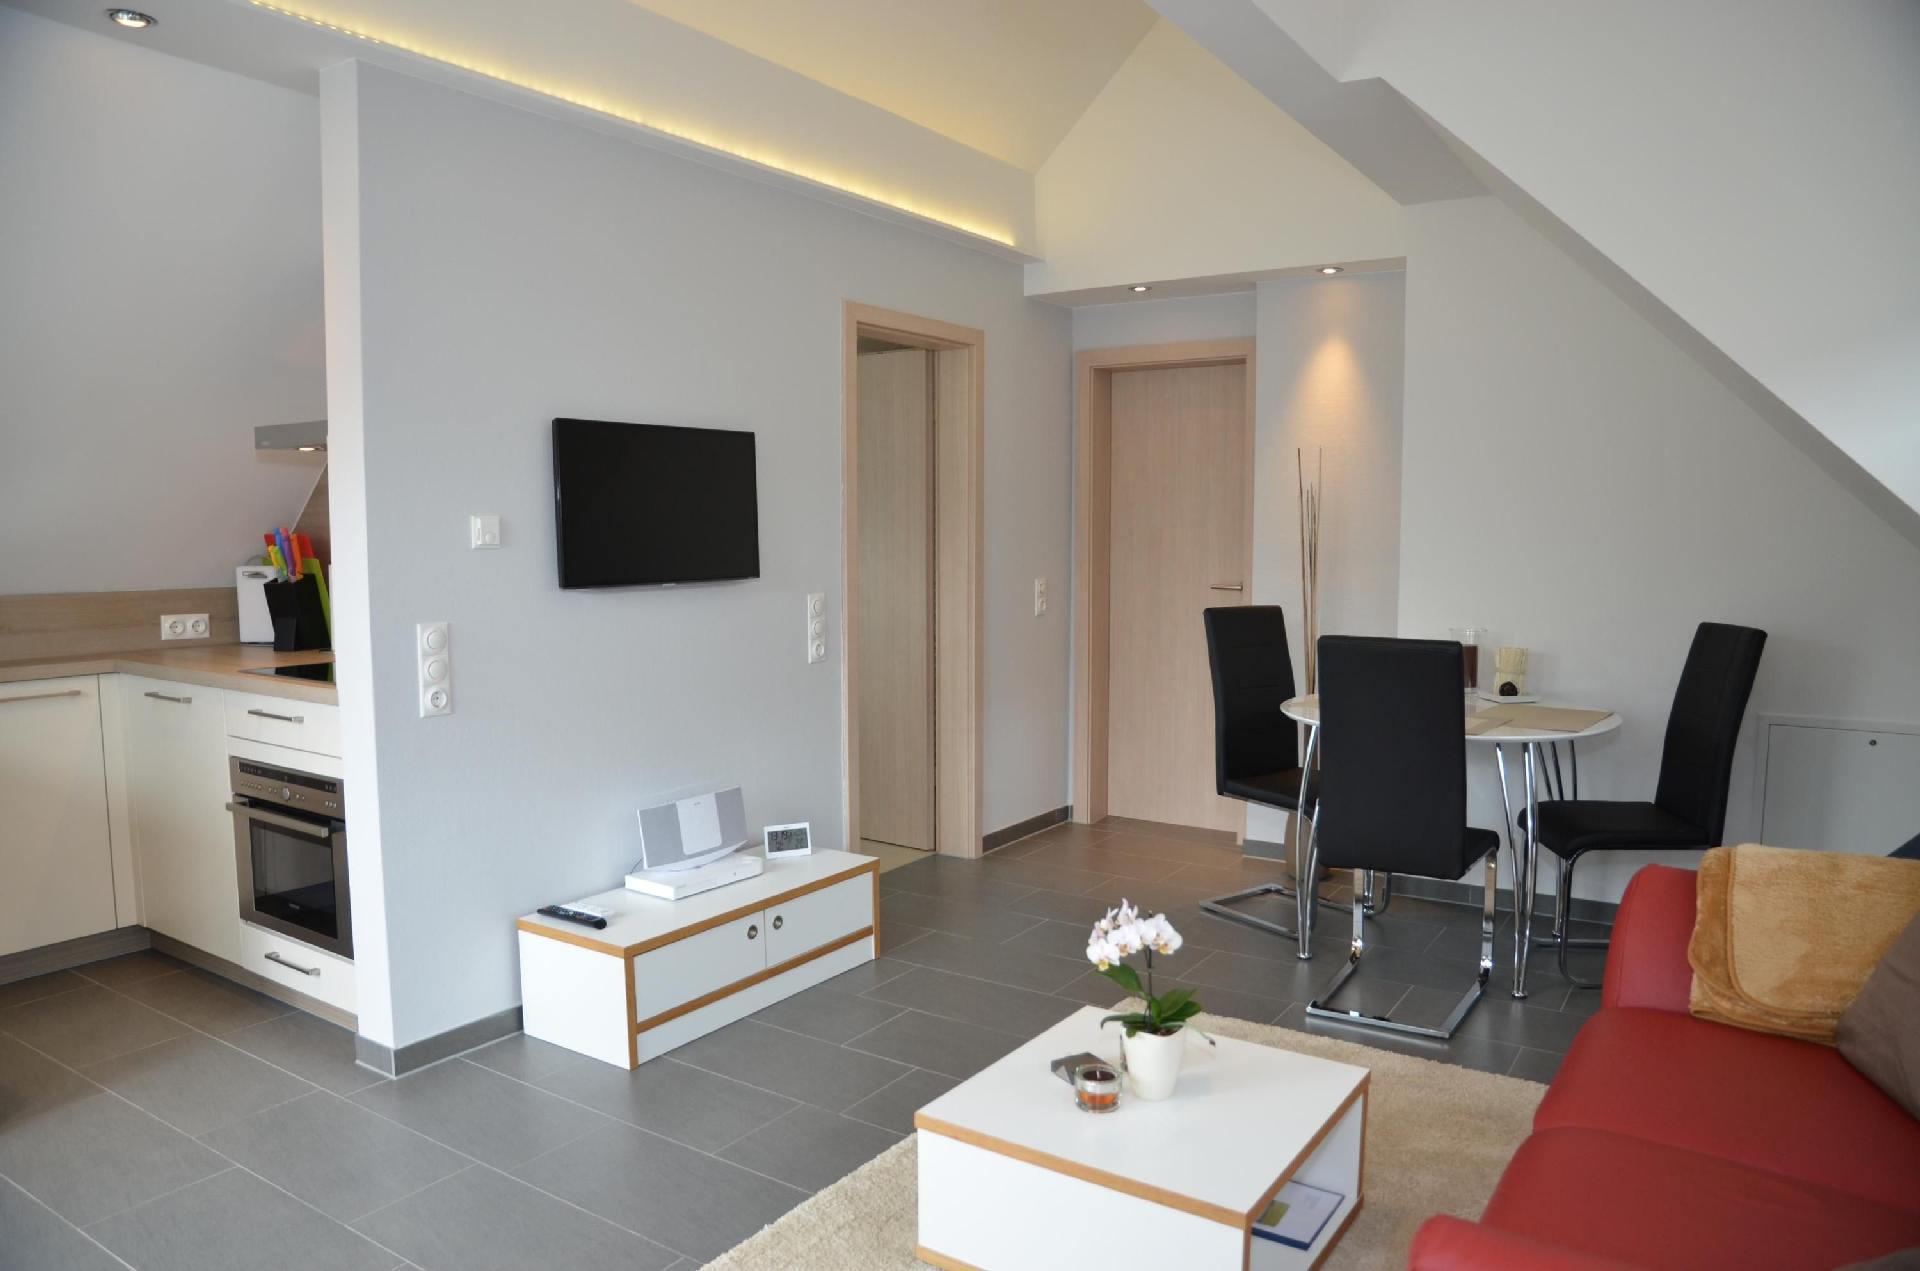 Ferienwohnung für 2 Personen  + 1 Kind ca. 57  in der Sächsische Schweiz